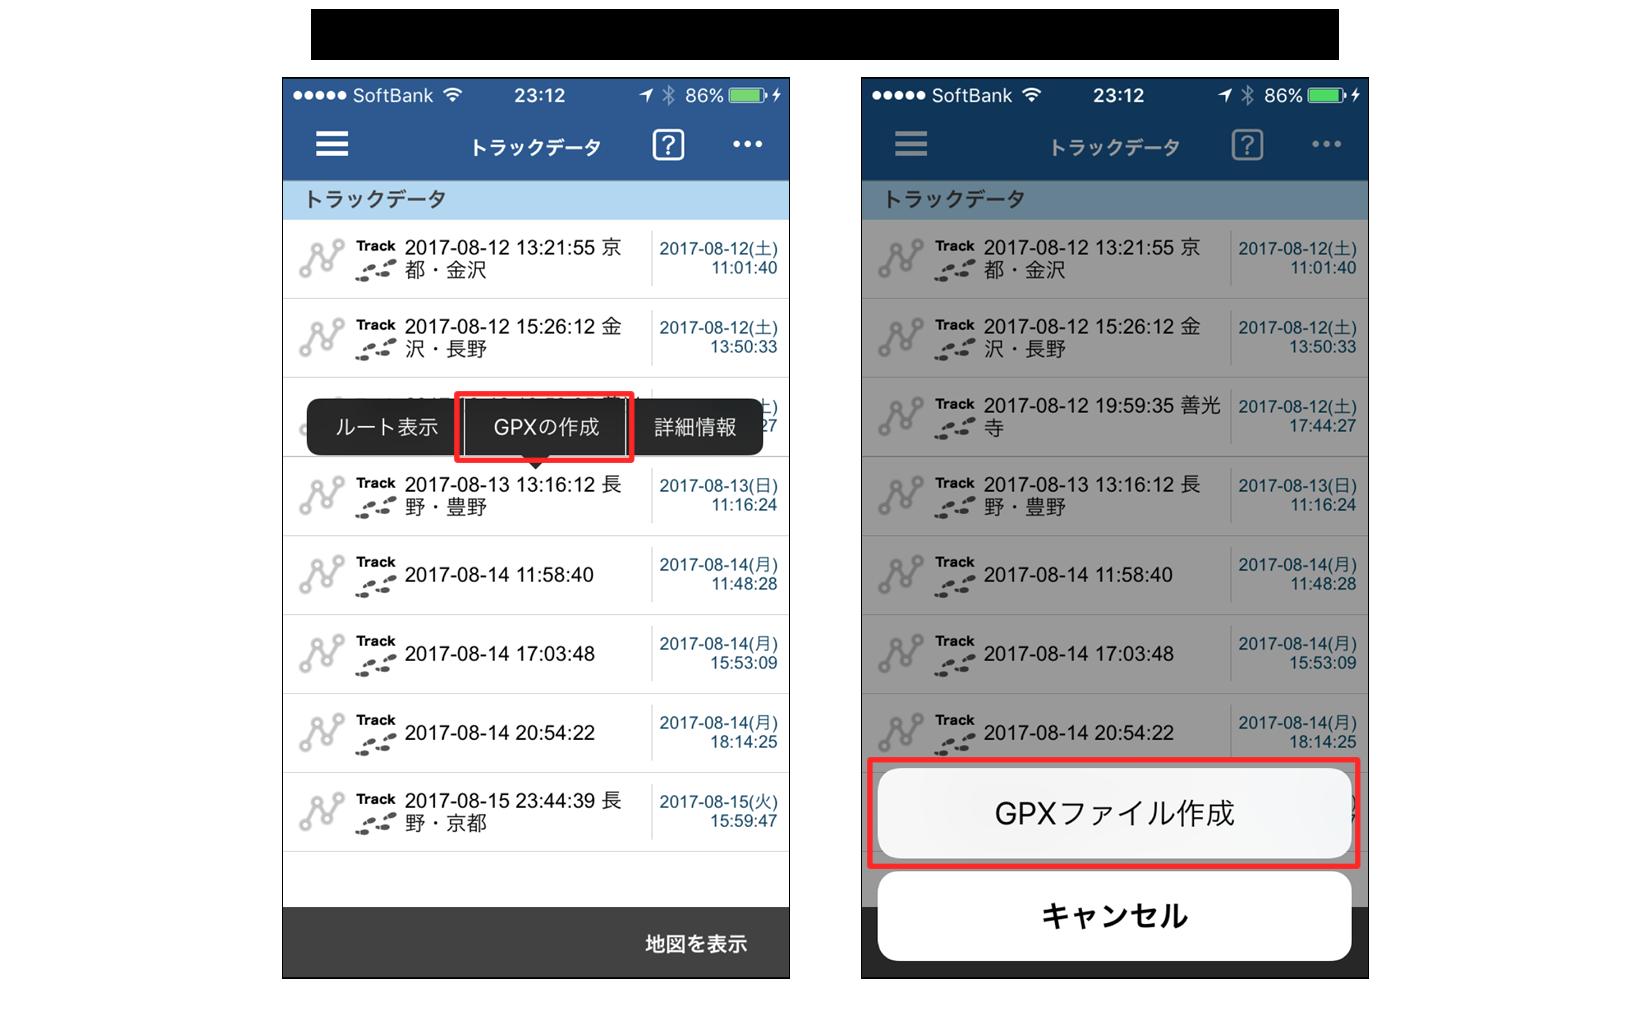 記録したGPSログ(トラックデータ)からGPXファイルへの変換